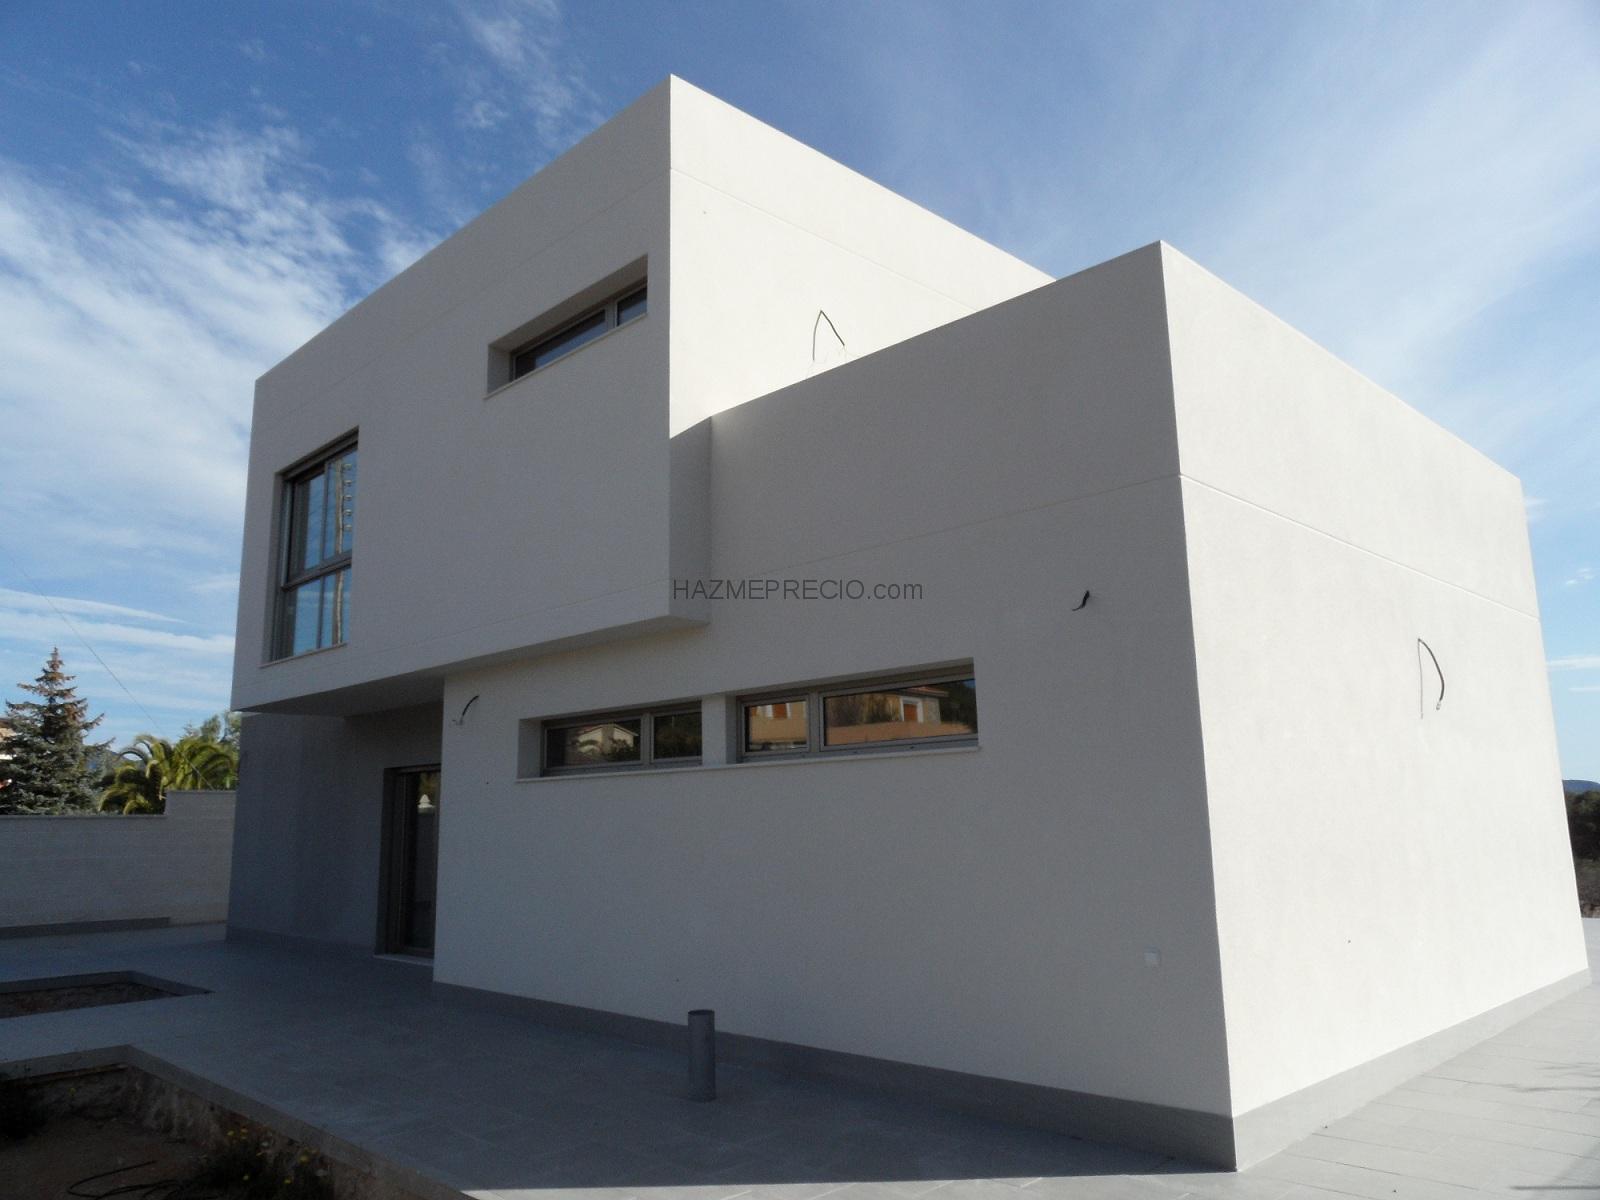 Sivico construcciones y reformas de calidad 46470 - Empresas construccion valencia ...